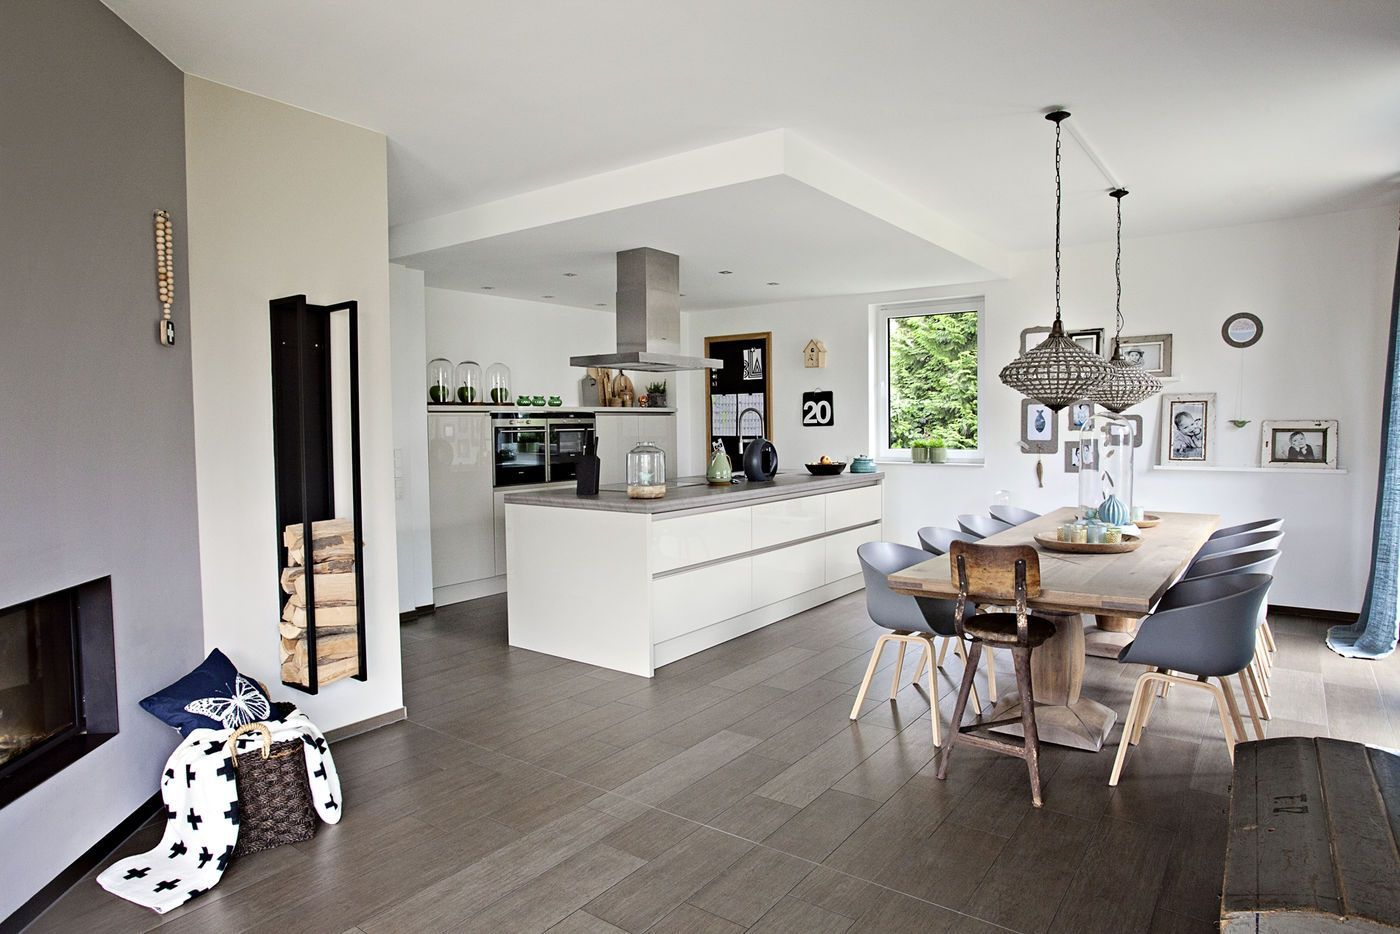 10 Wohnzimmer mit offener kuche